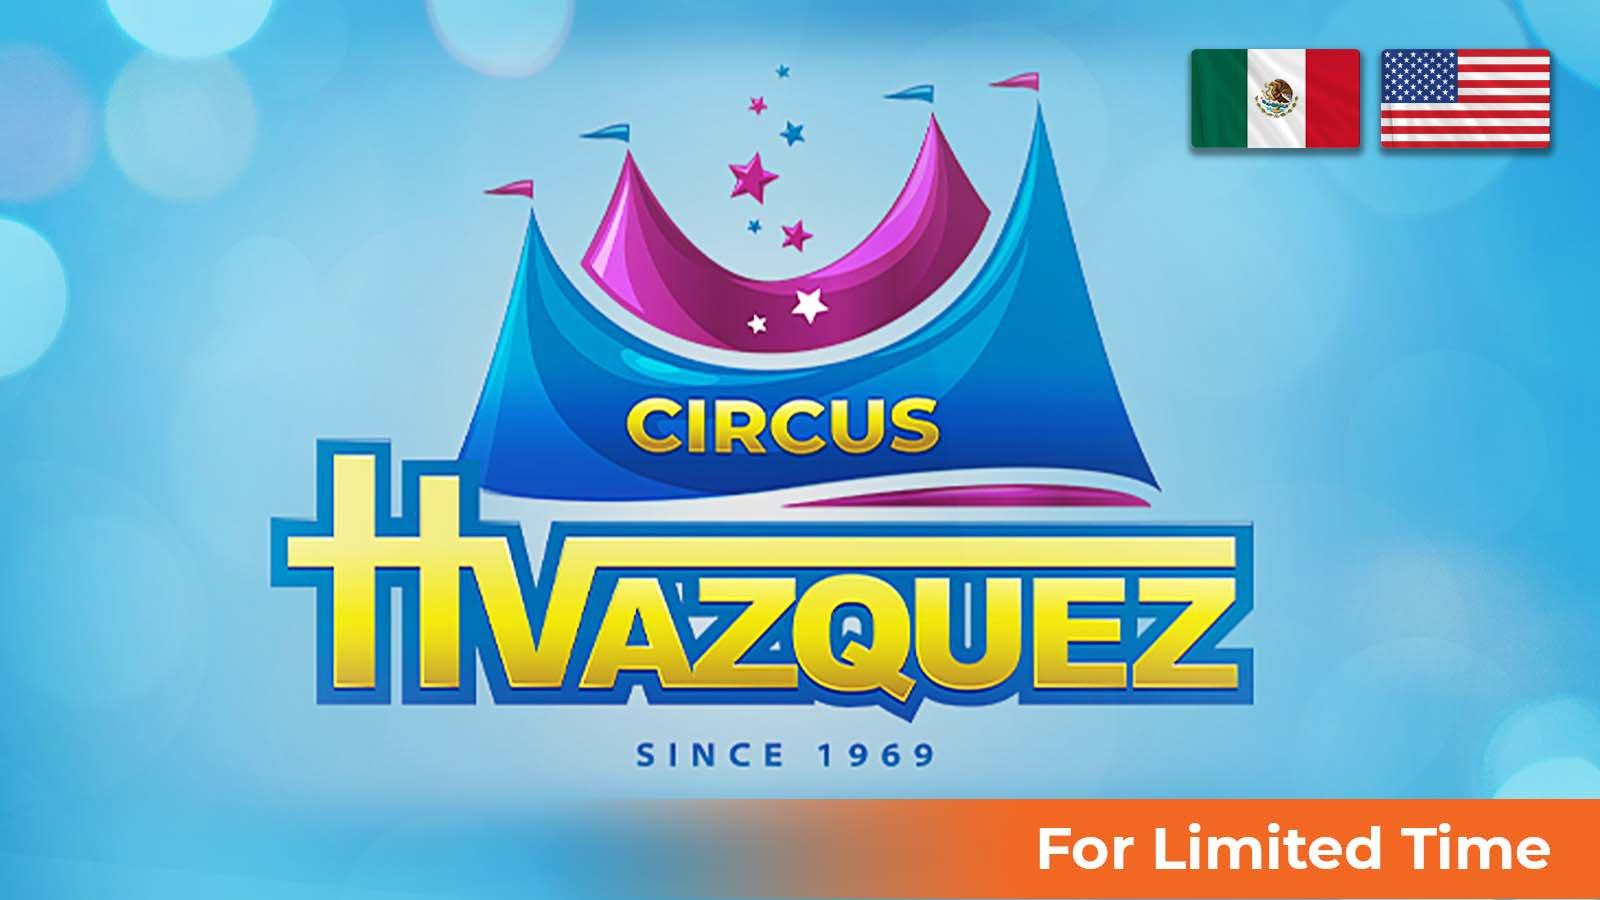 Circus Vazquez poster